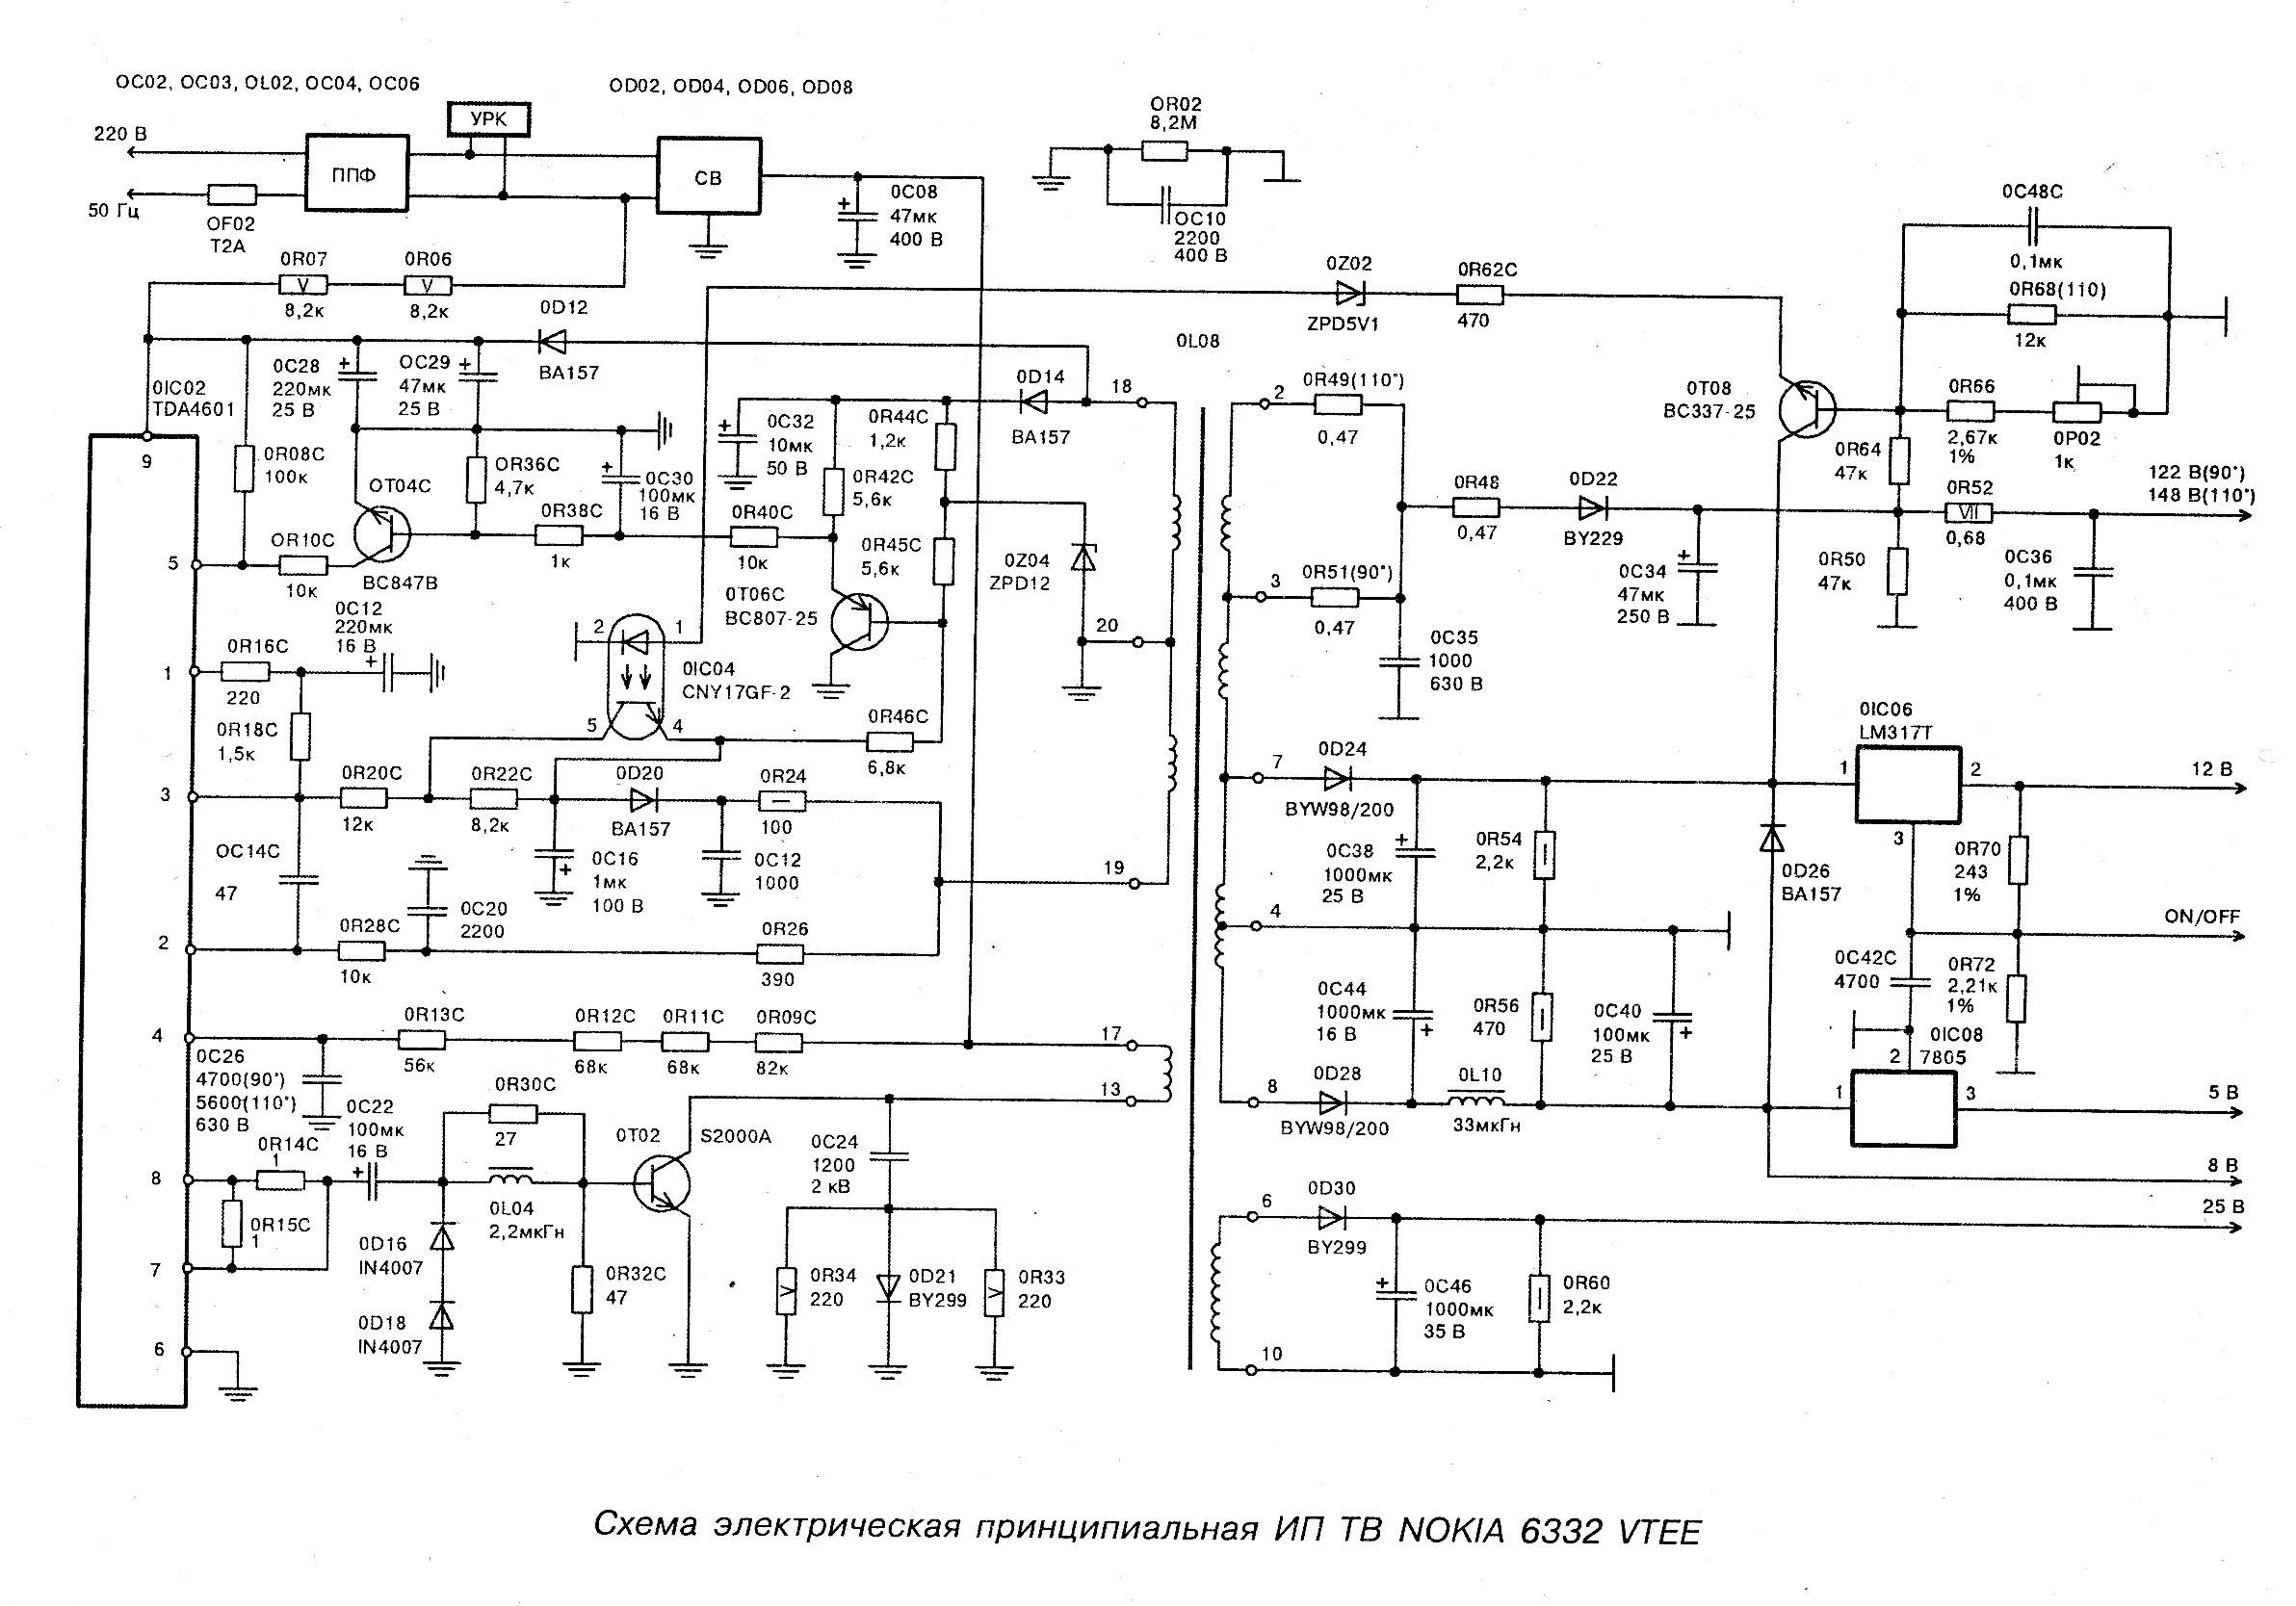 Схема телевизора nokia